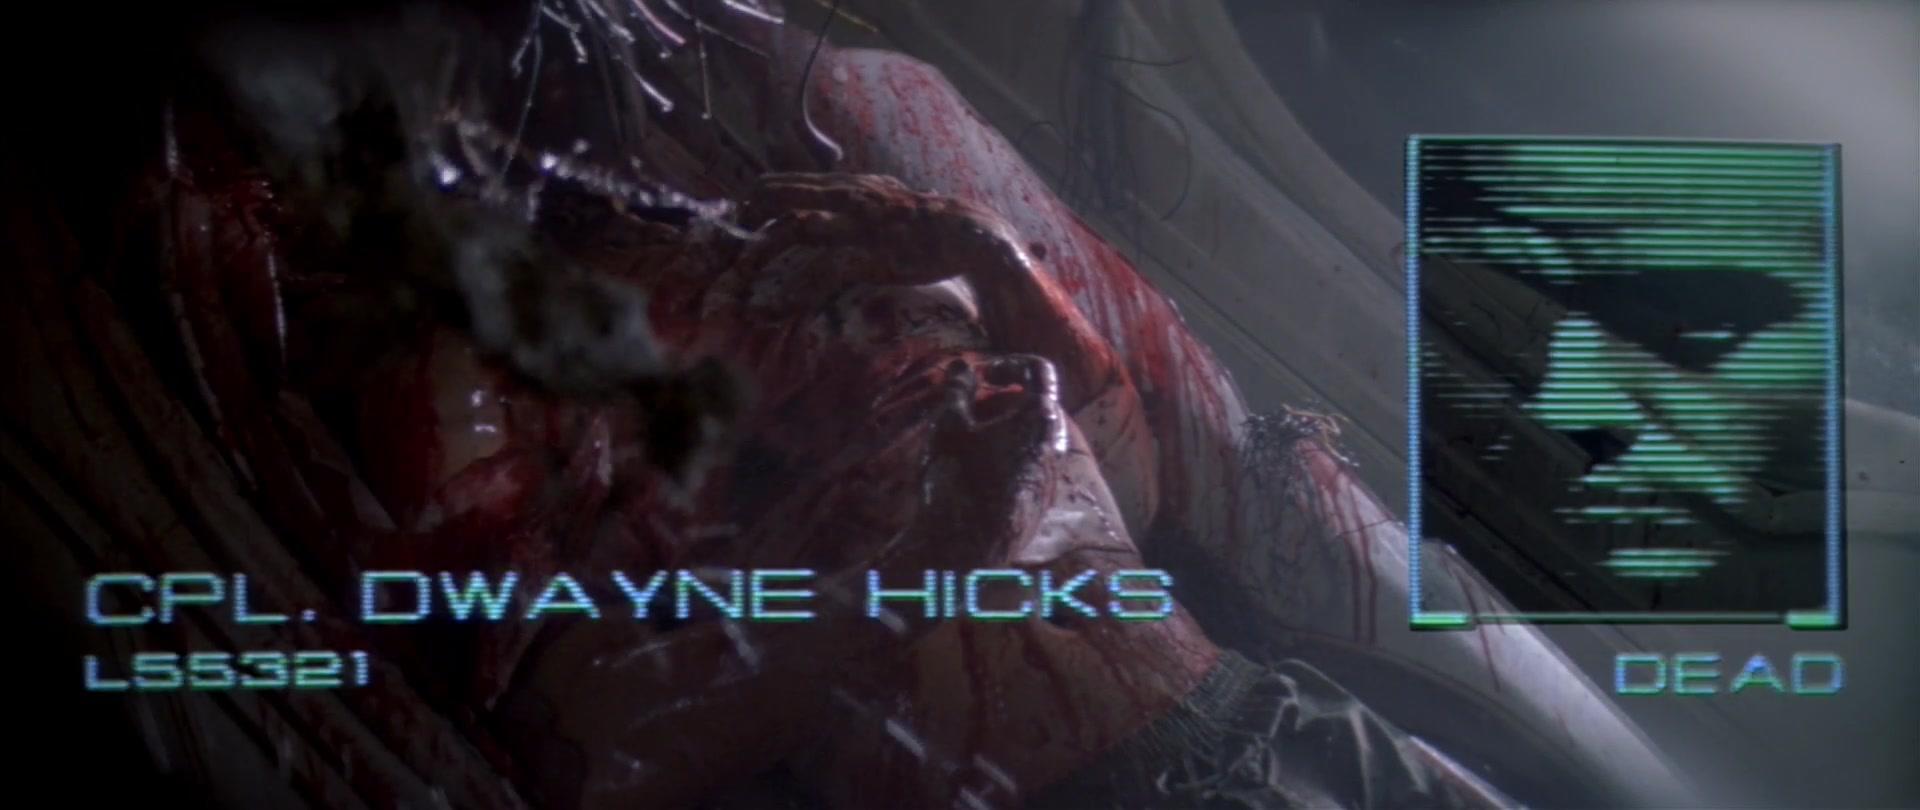 File:Dead Hicks Alien3.jpg